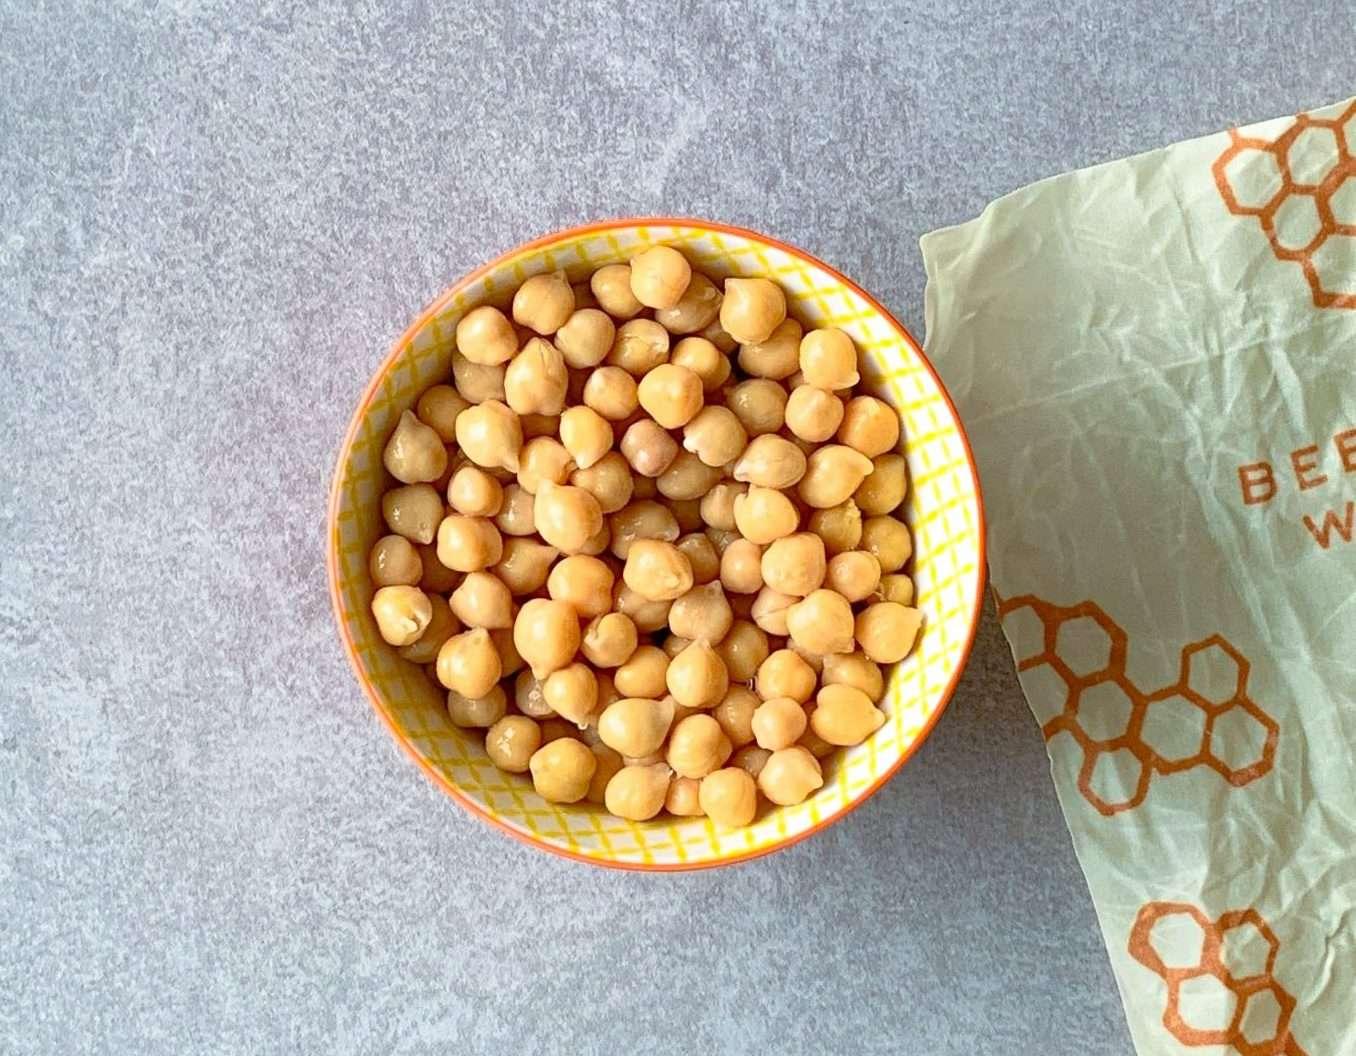 bivaxduk för matrester